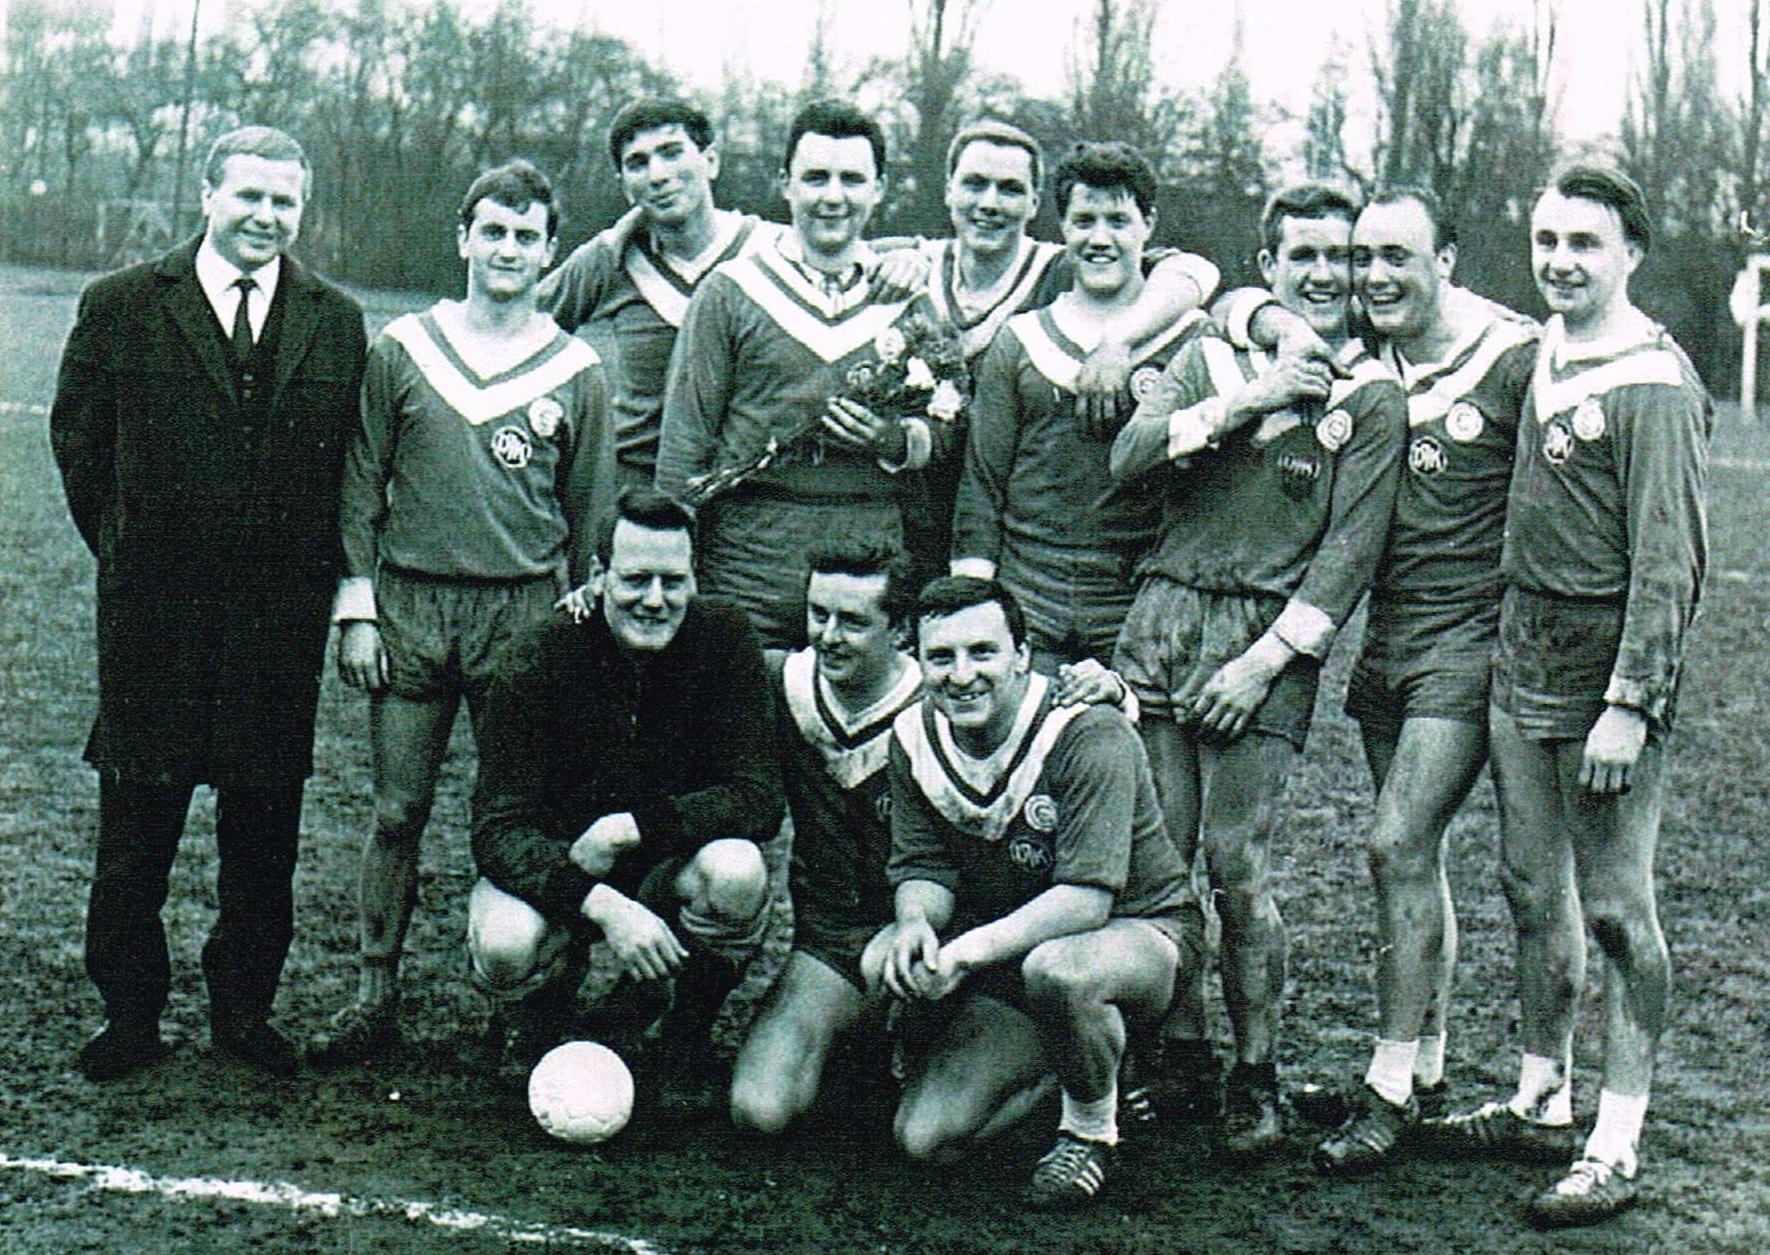 90 Jahre DJK Ewaldi Aplerbeck: Einer der größten sportlichen Erfolge des Vereins ist bis heute der Aufstieg in die Industrieliga (Feldhandball) 1965. (Foto: Chronik DJK)